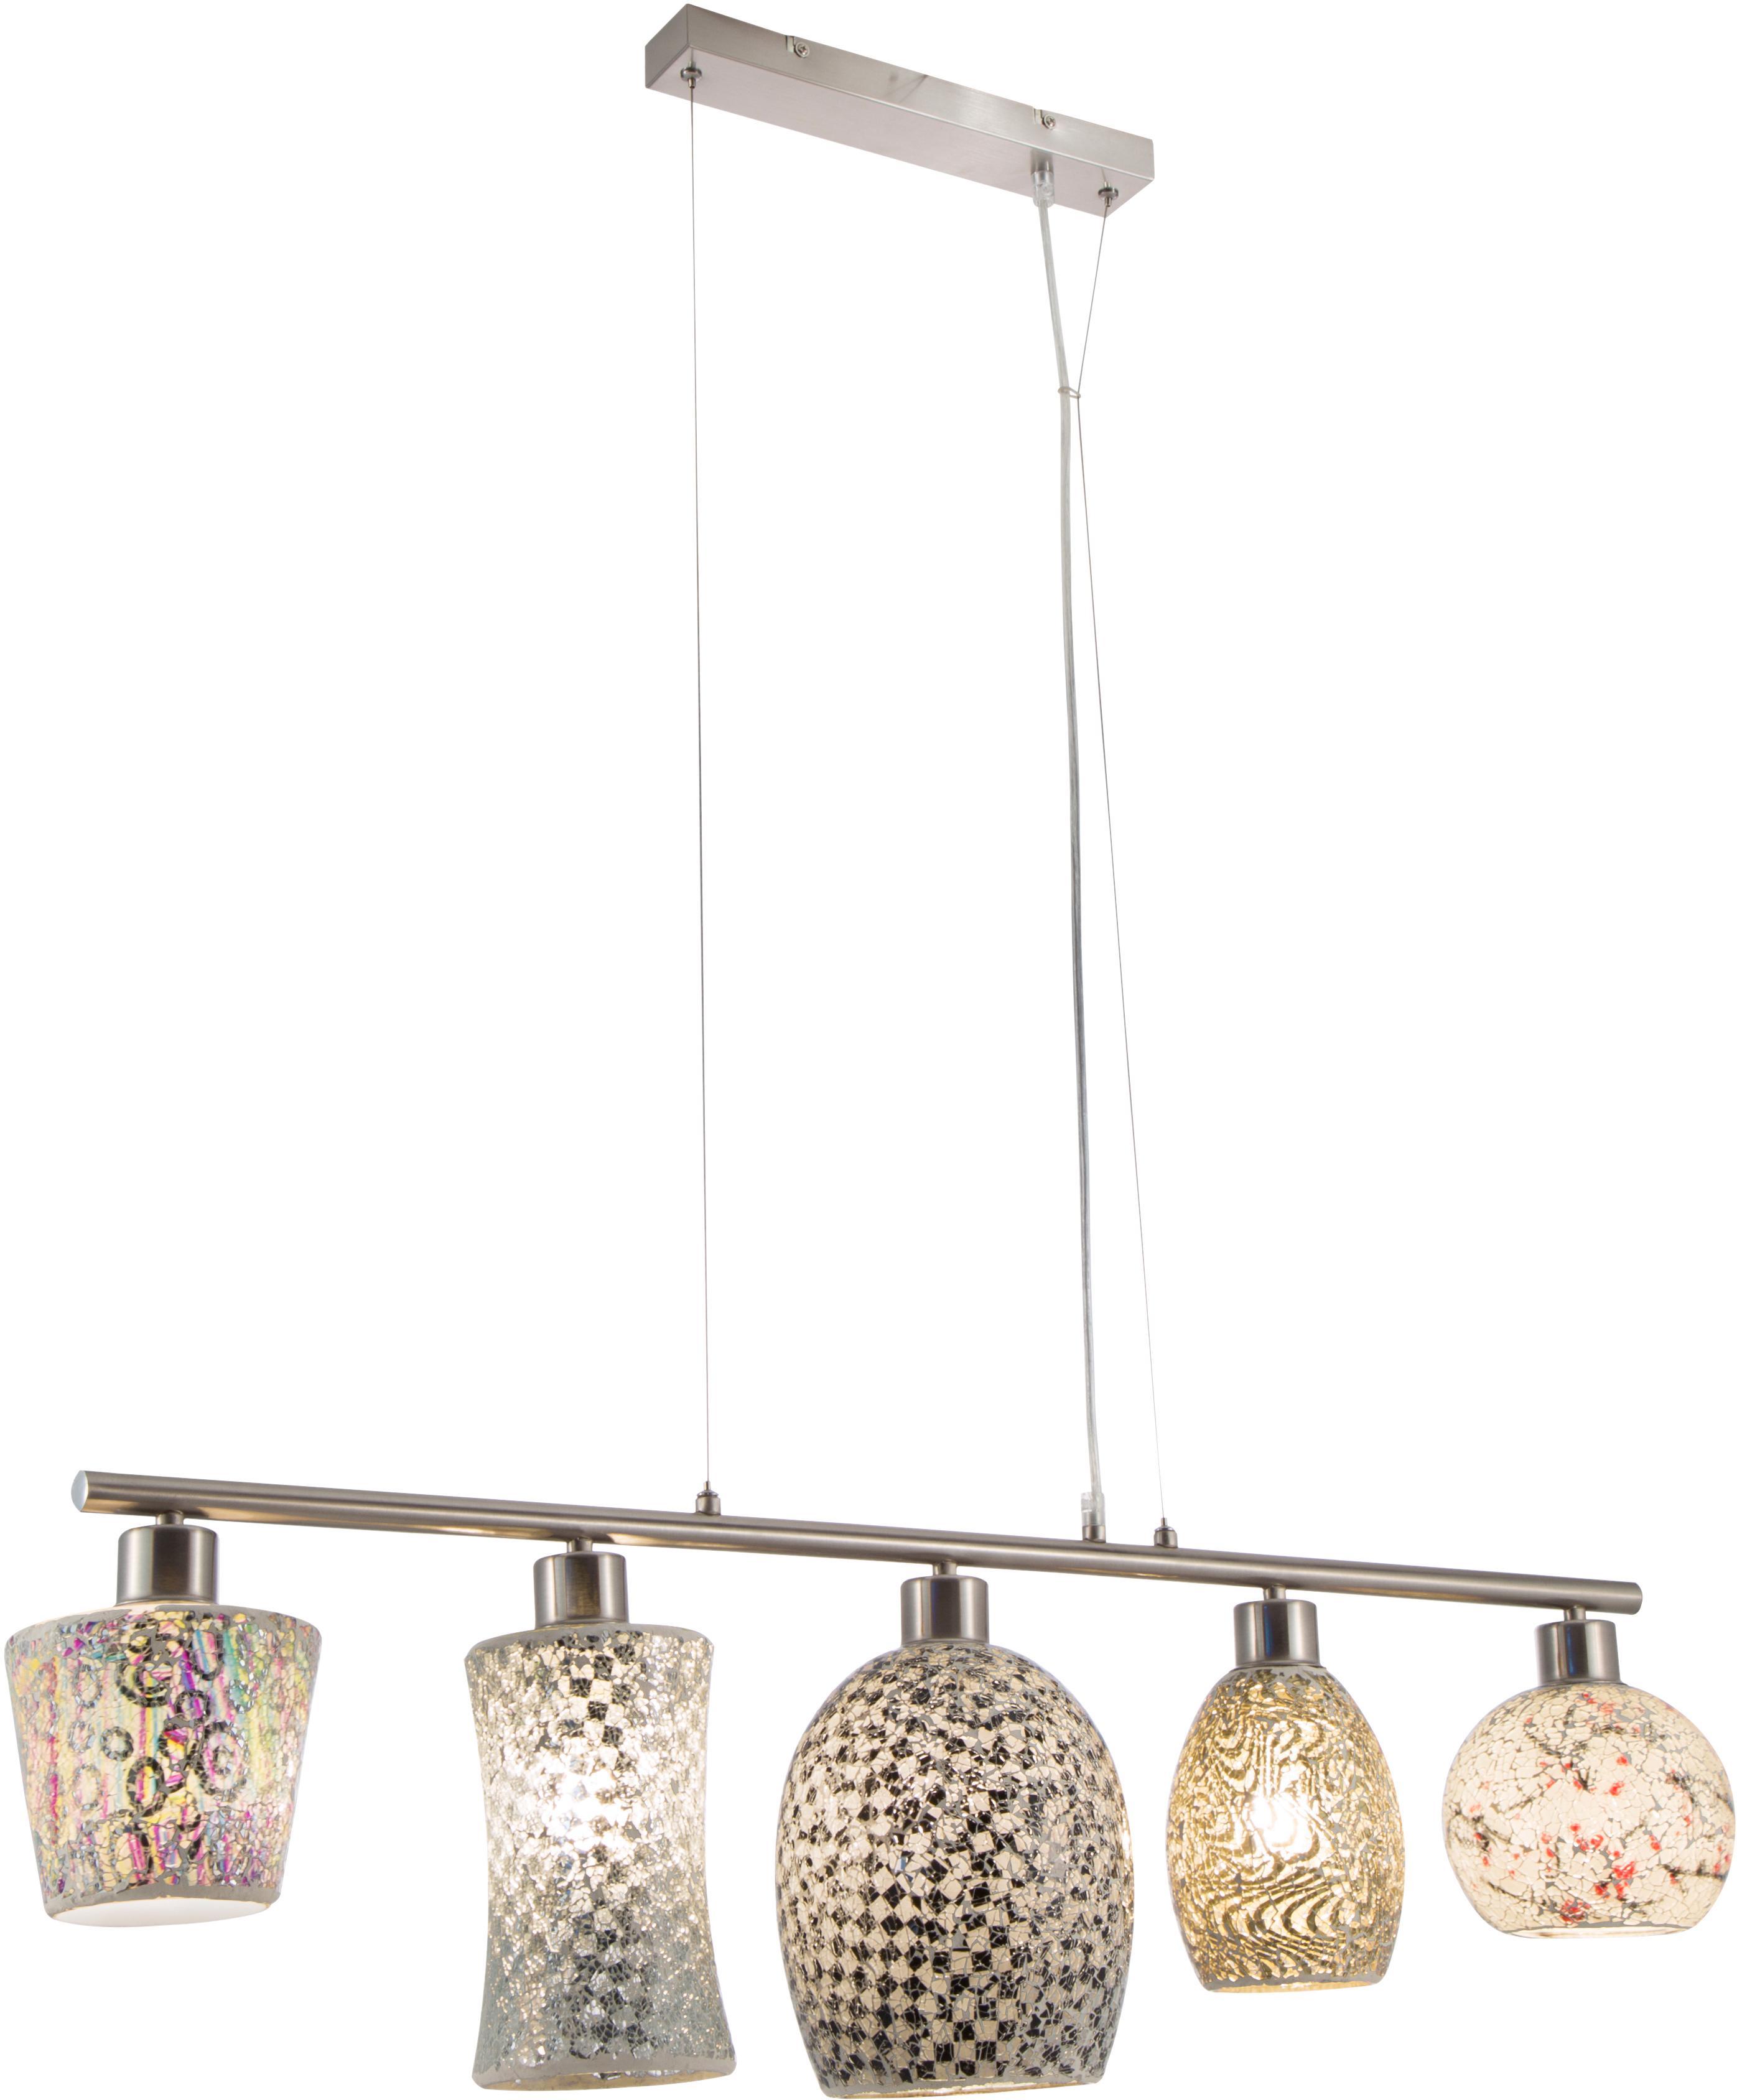 Nino Leuchten Pendelleuchte AREZZO, Hängeleuchte, fünf verschiedene Glasschirme in Mosaikoptik